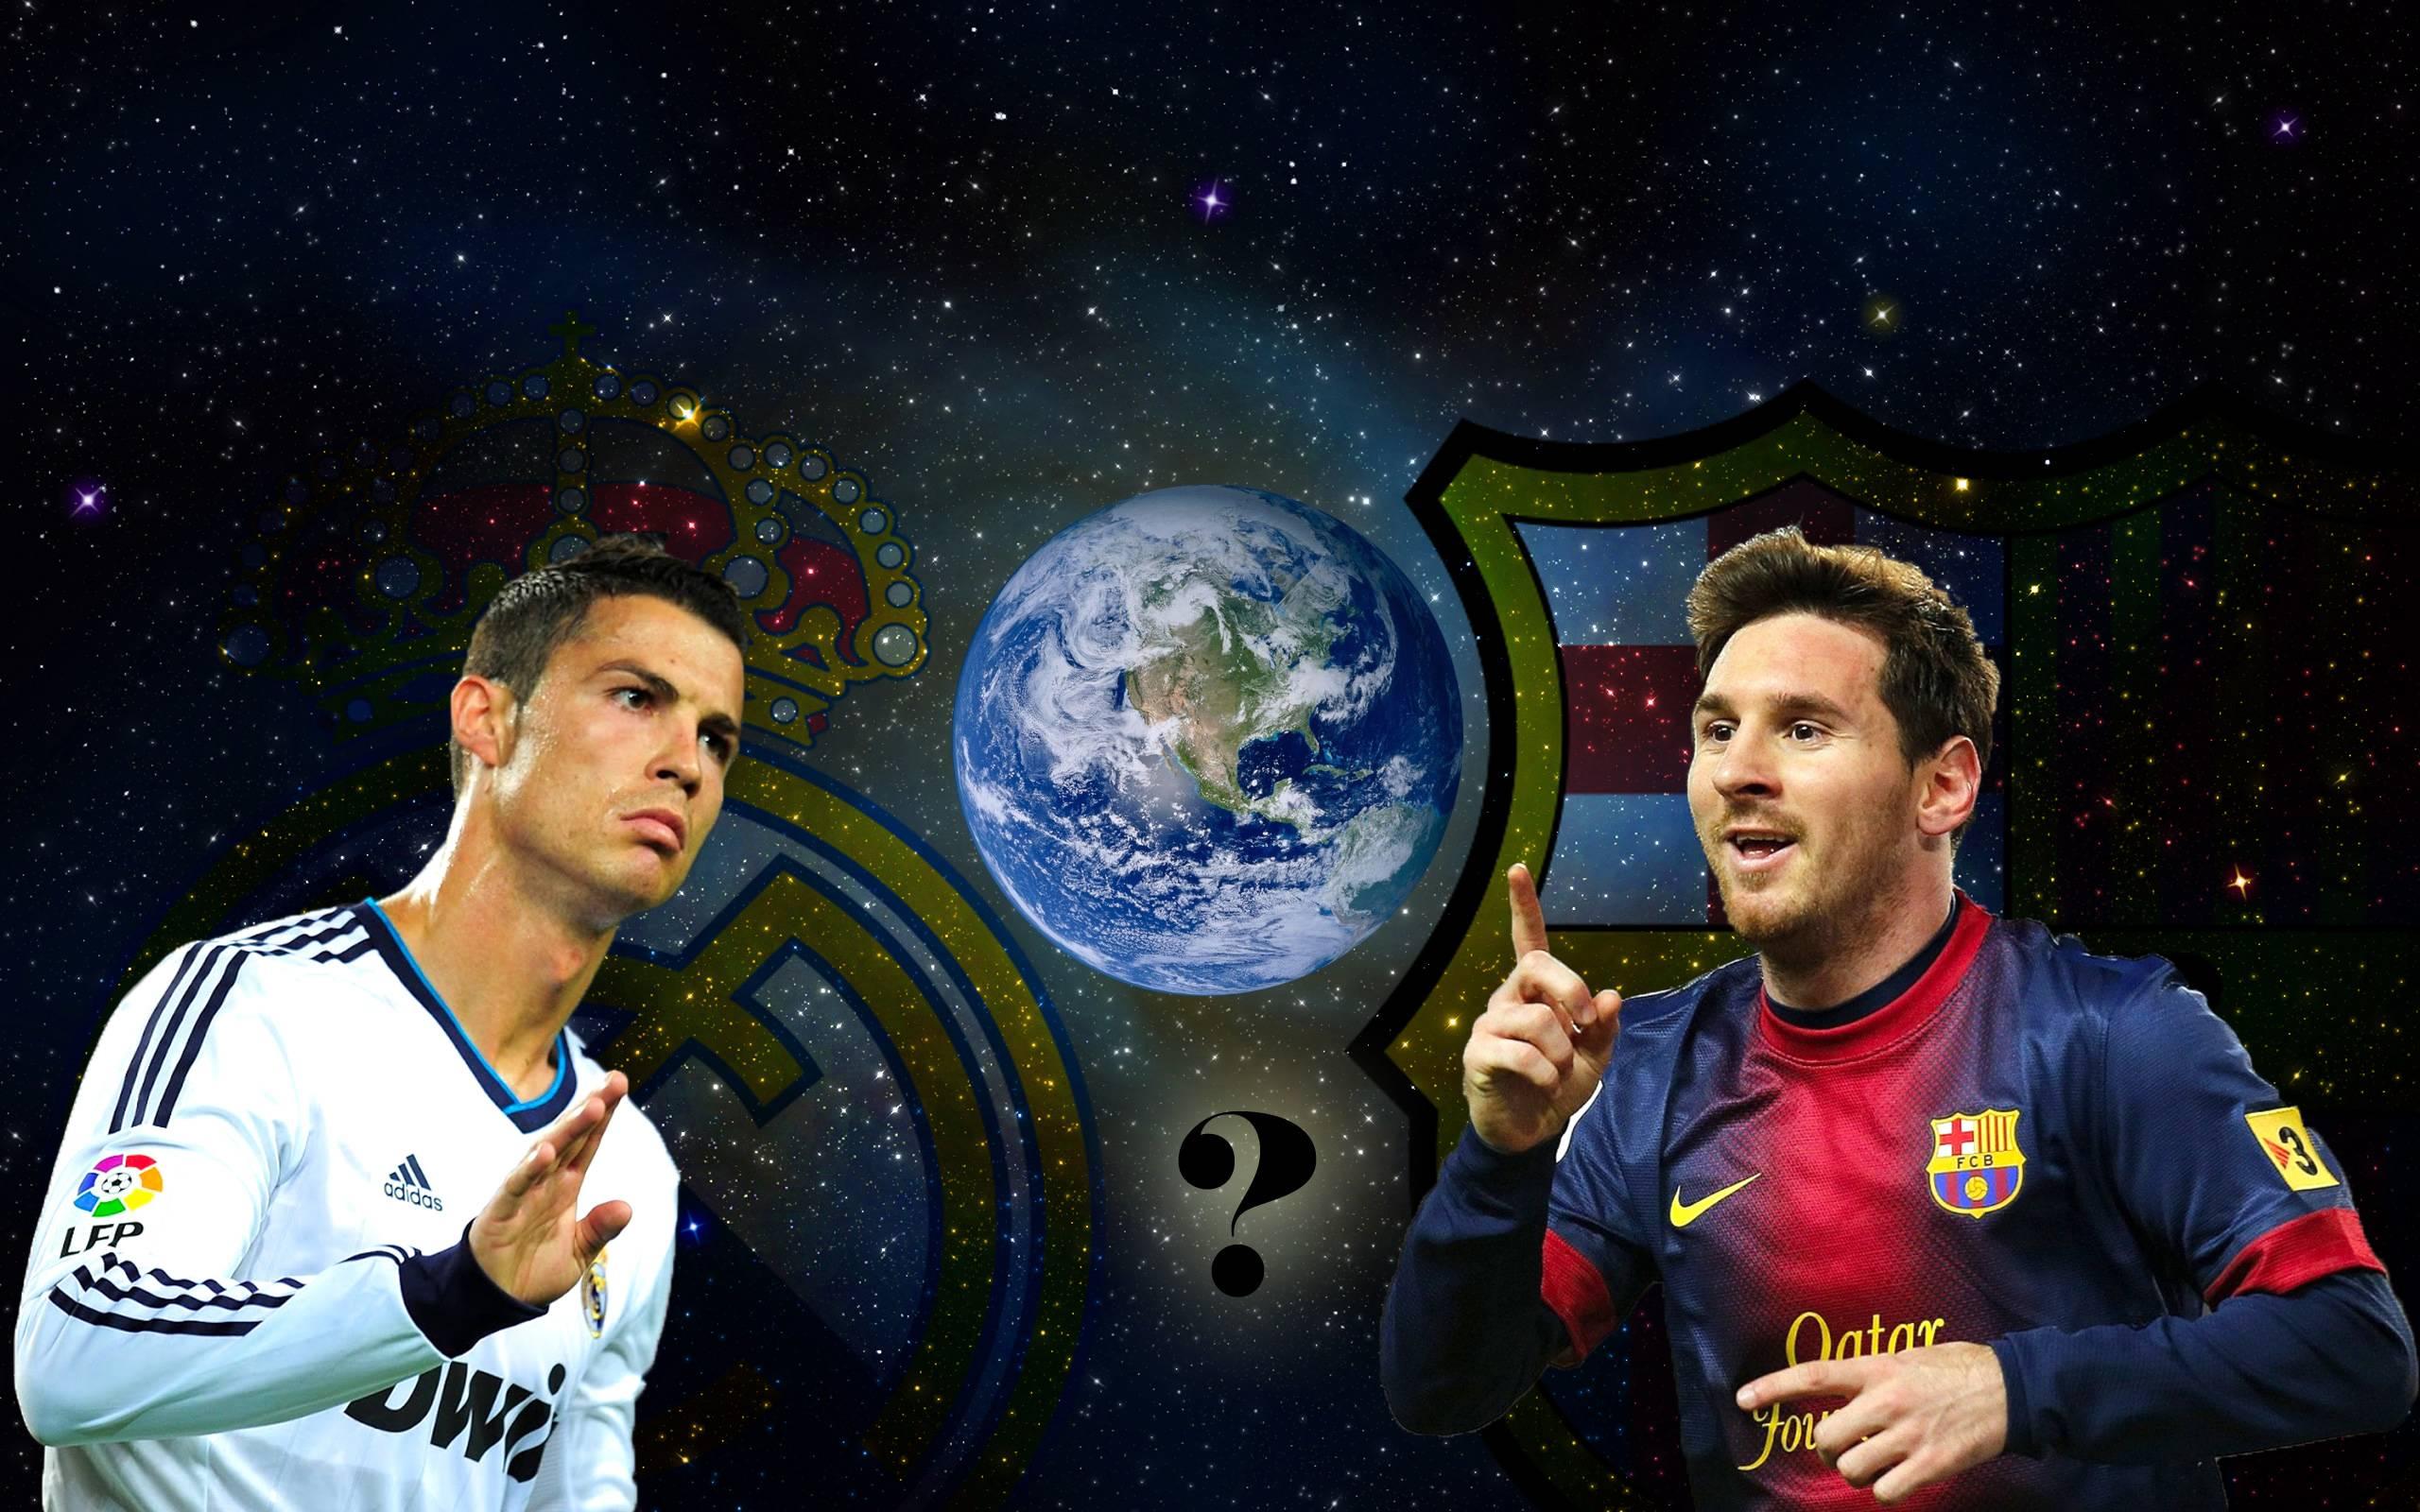 Cristiano Ronaldo Vs Lionel Messi 2015 Wallpapers - Wallpaper Cave